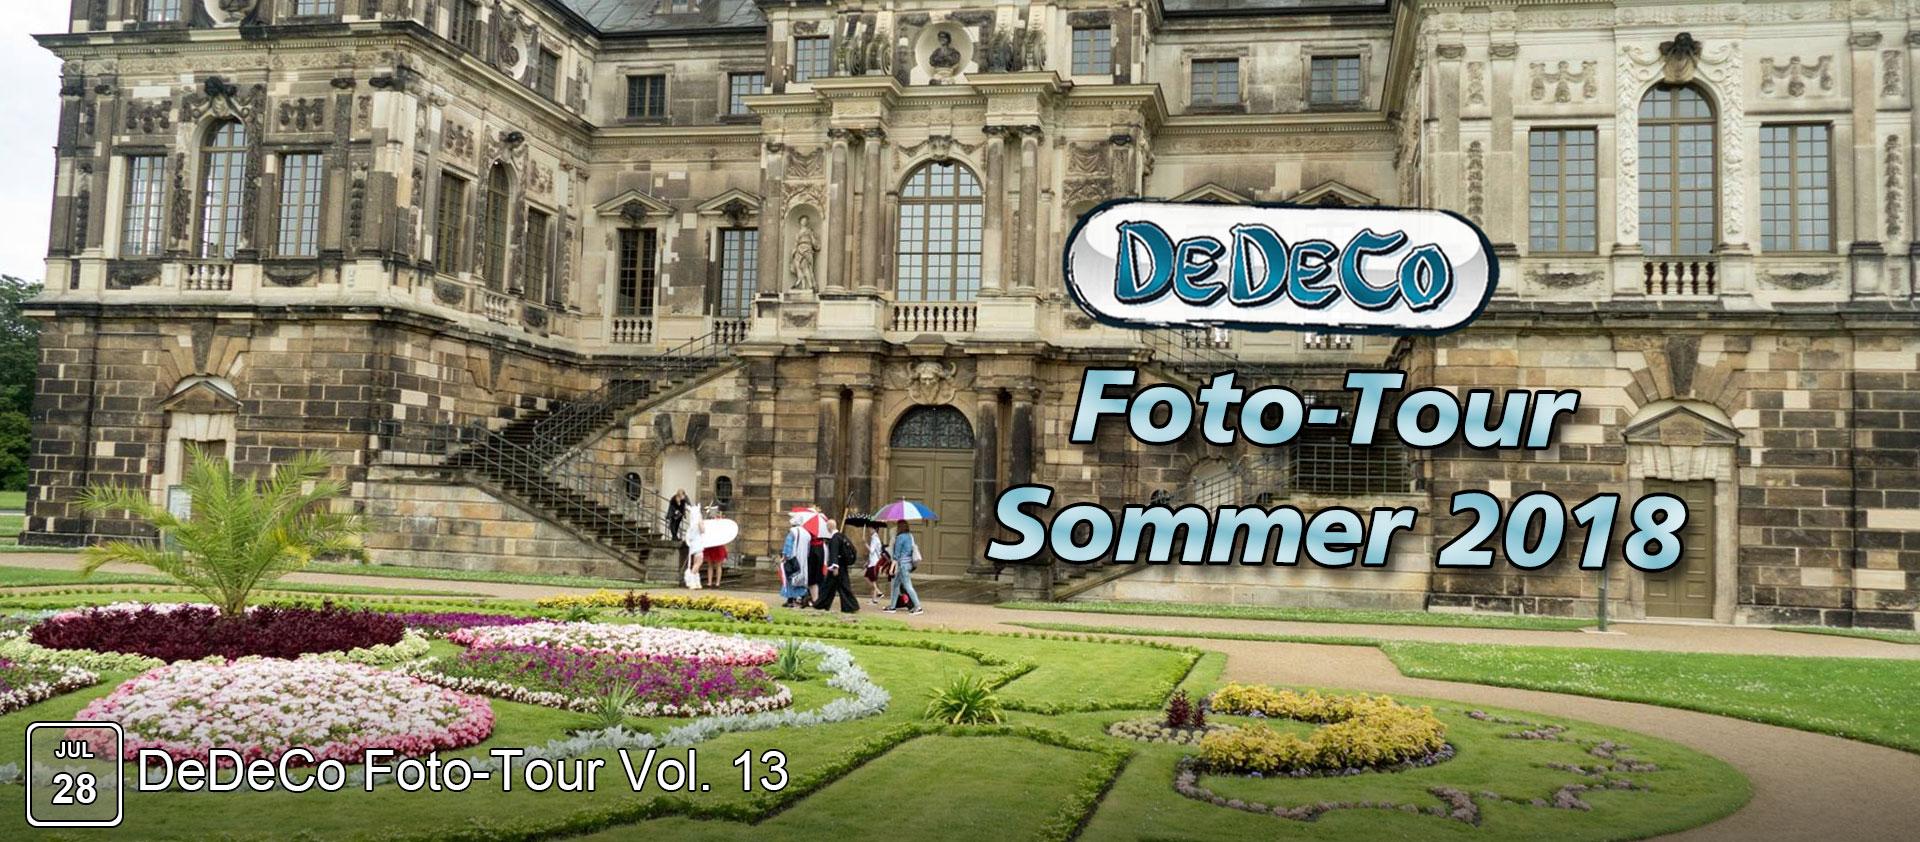 DeDeCo Fototour Vol. 13